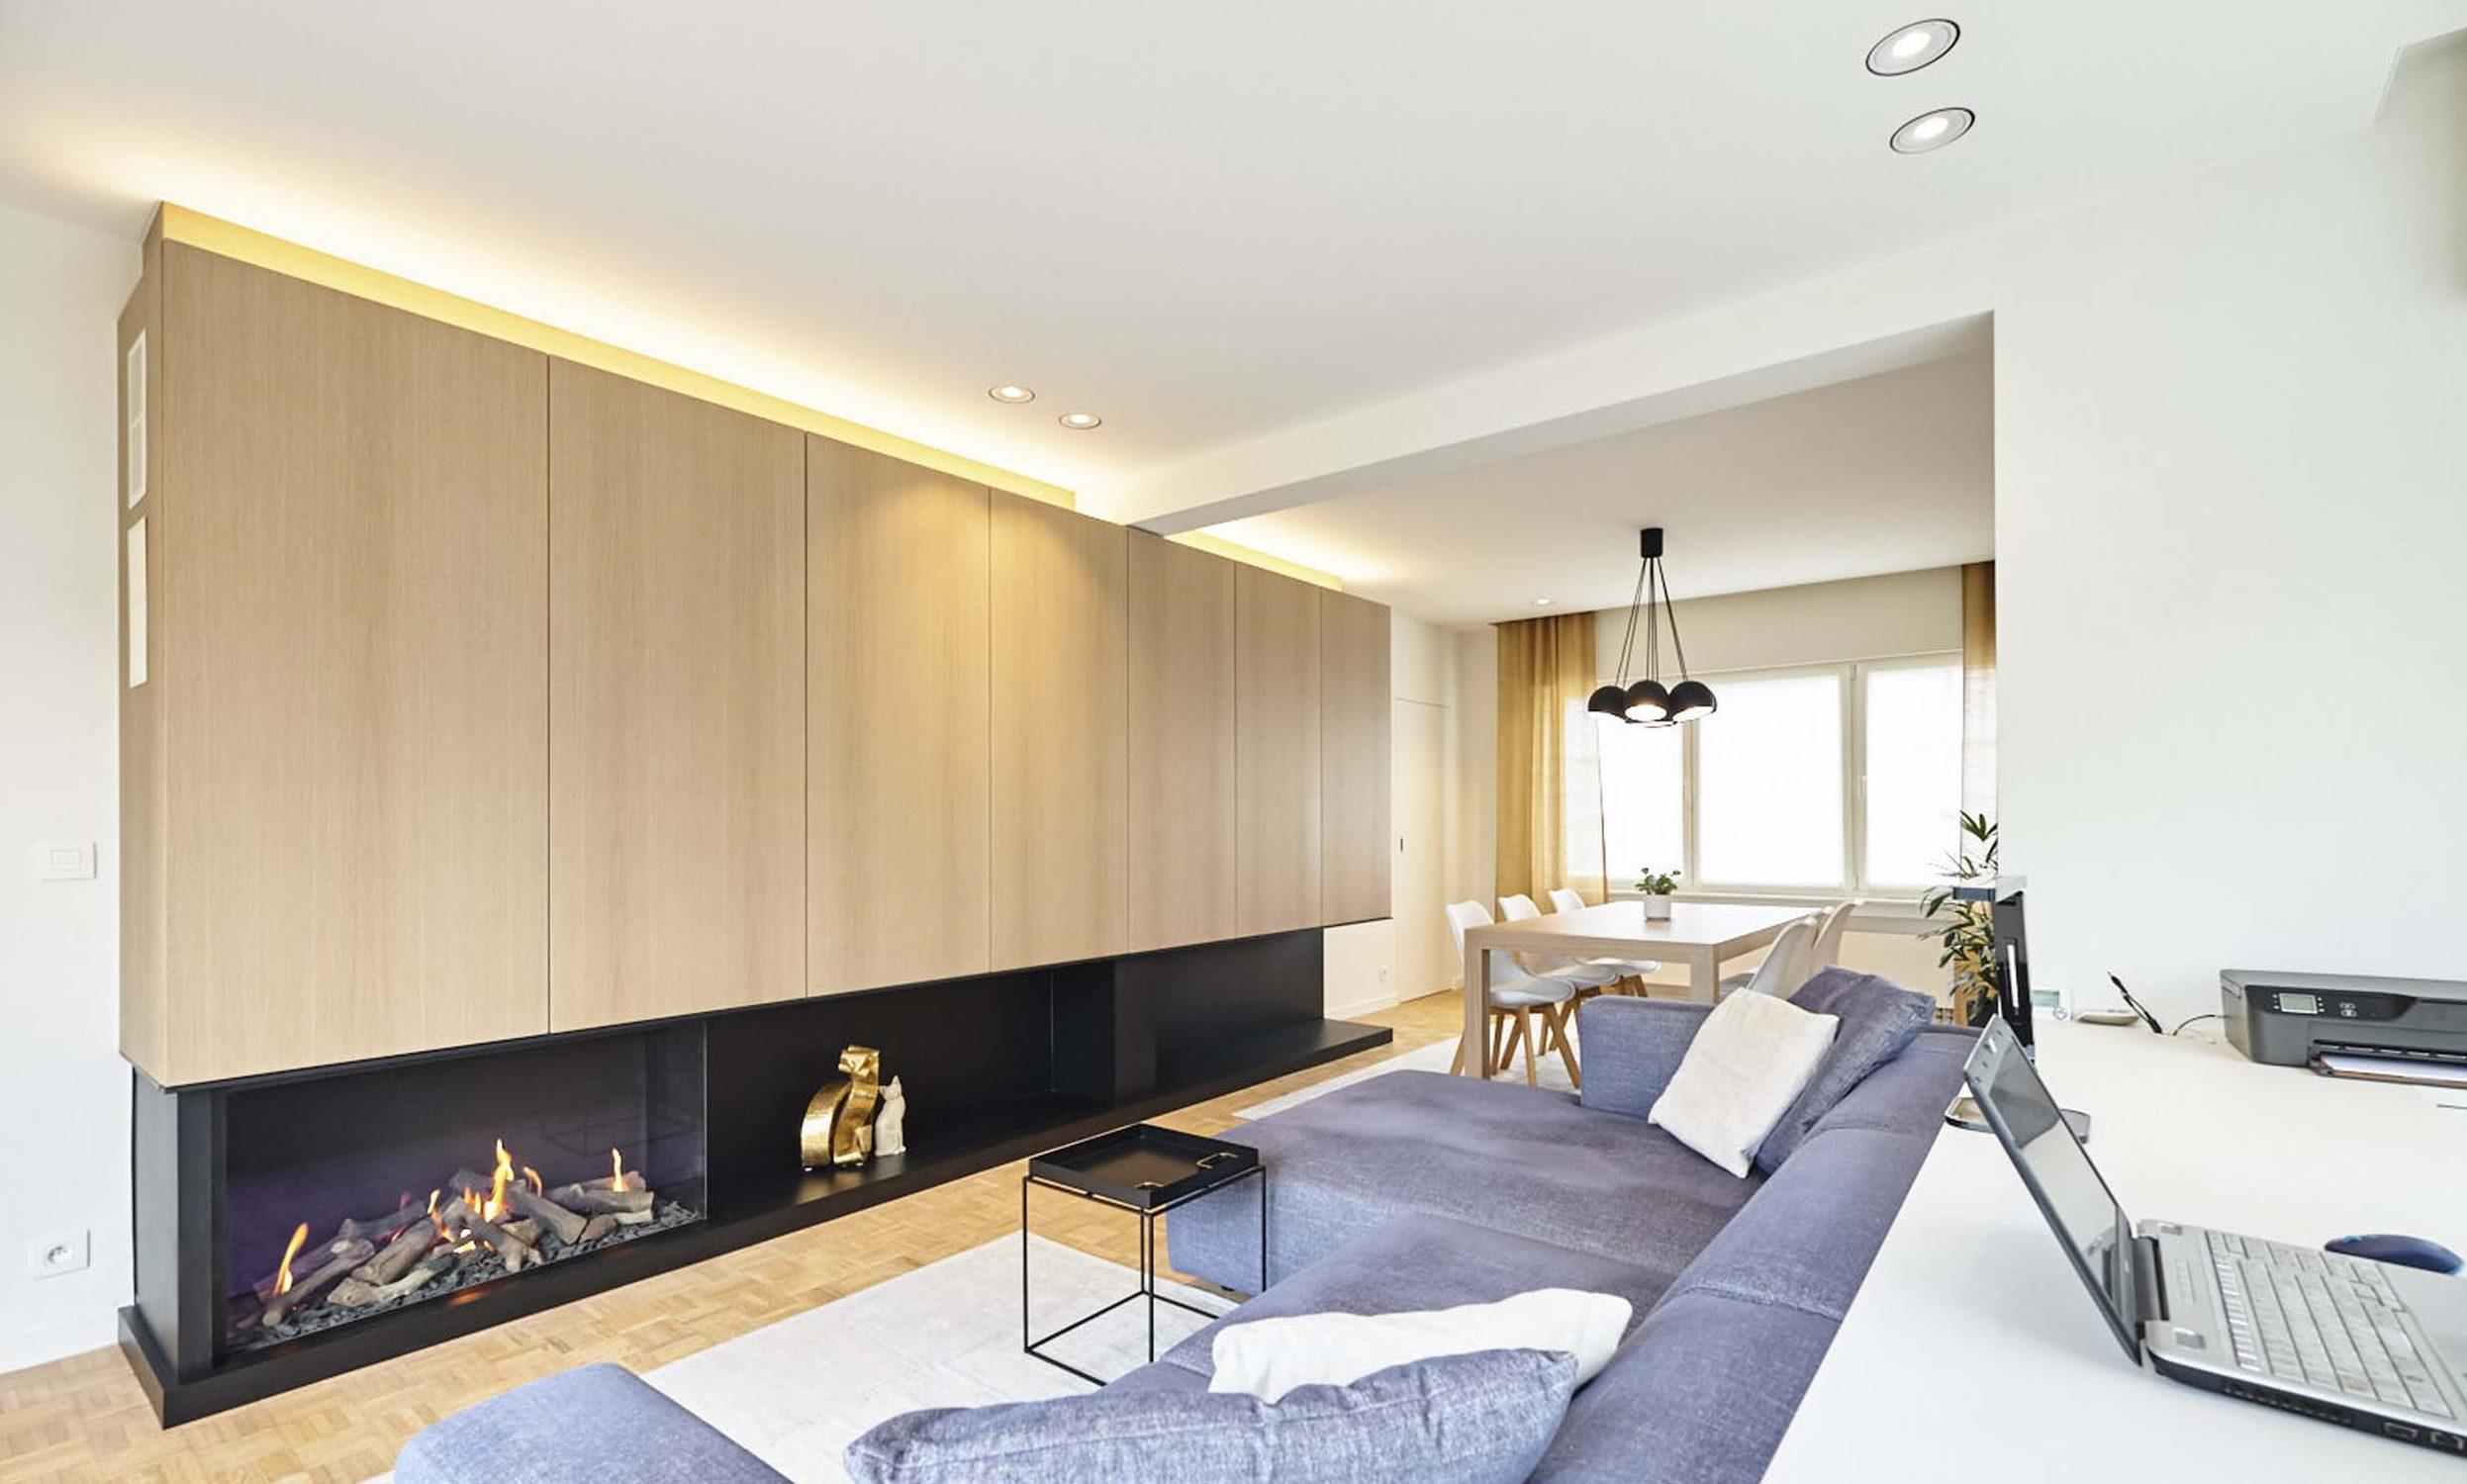 Vanda-projects-interieurinrichting-meubelmakerij-oost-vlaanderen-six-gent-bank